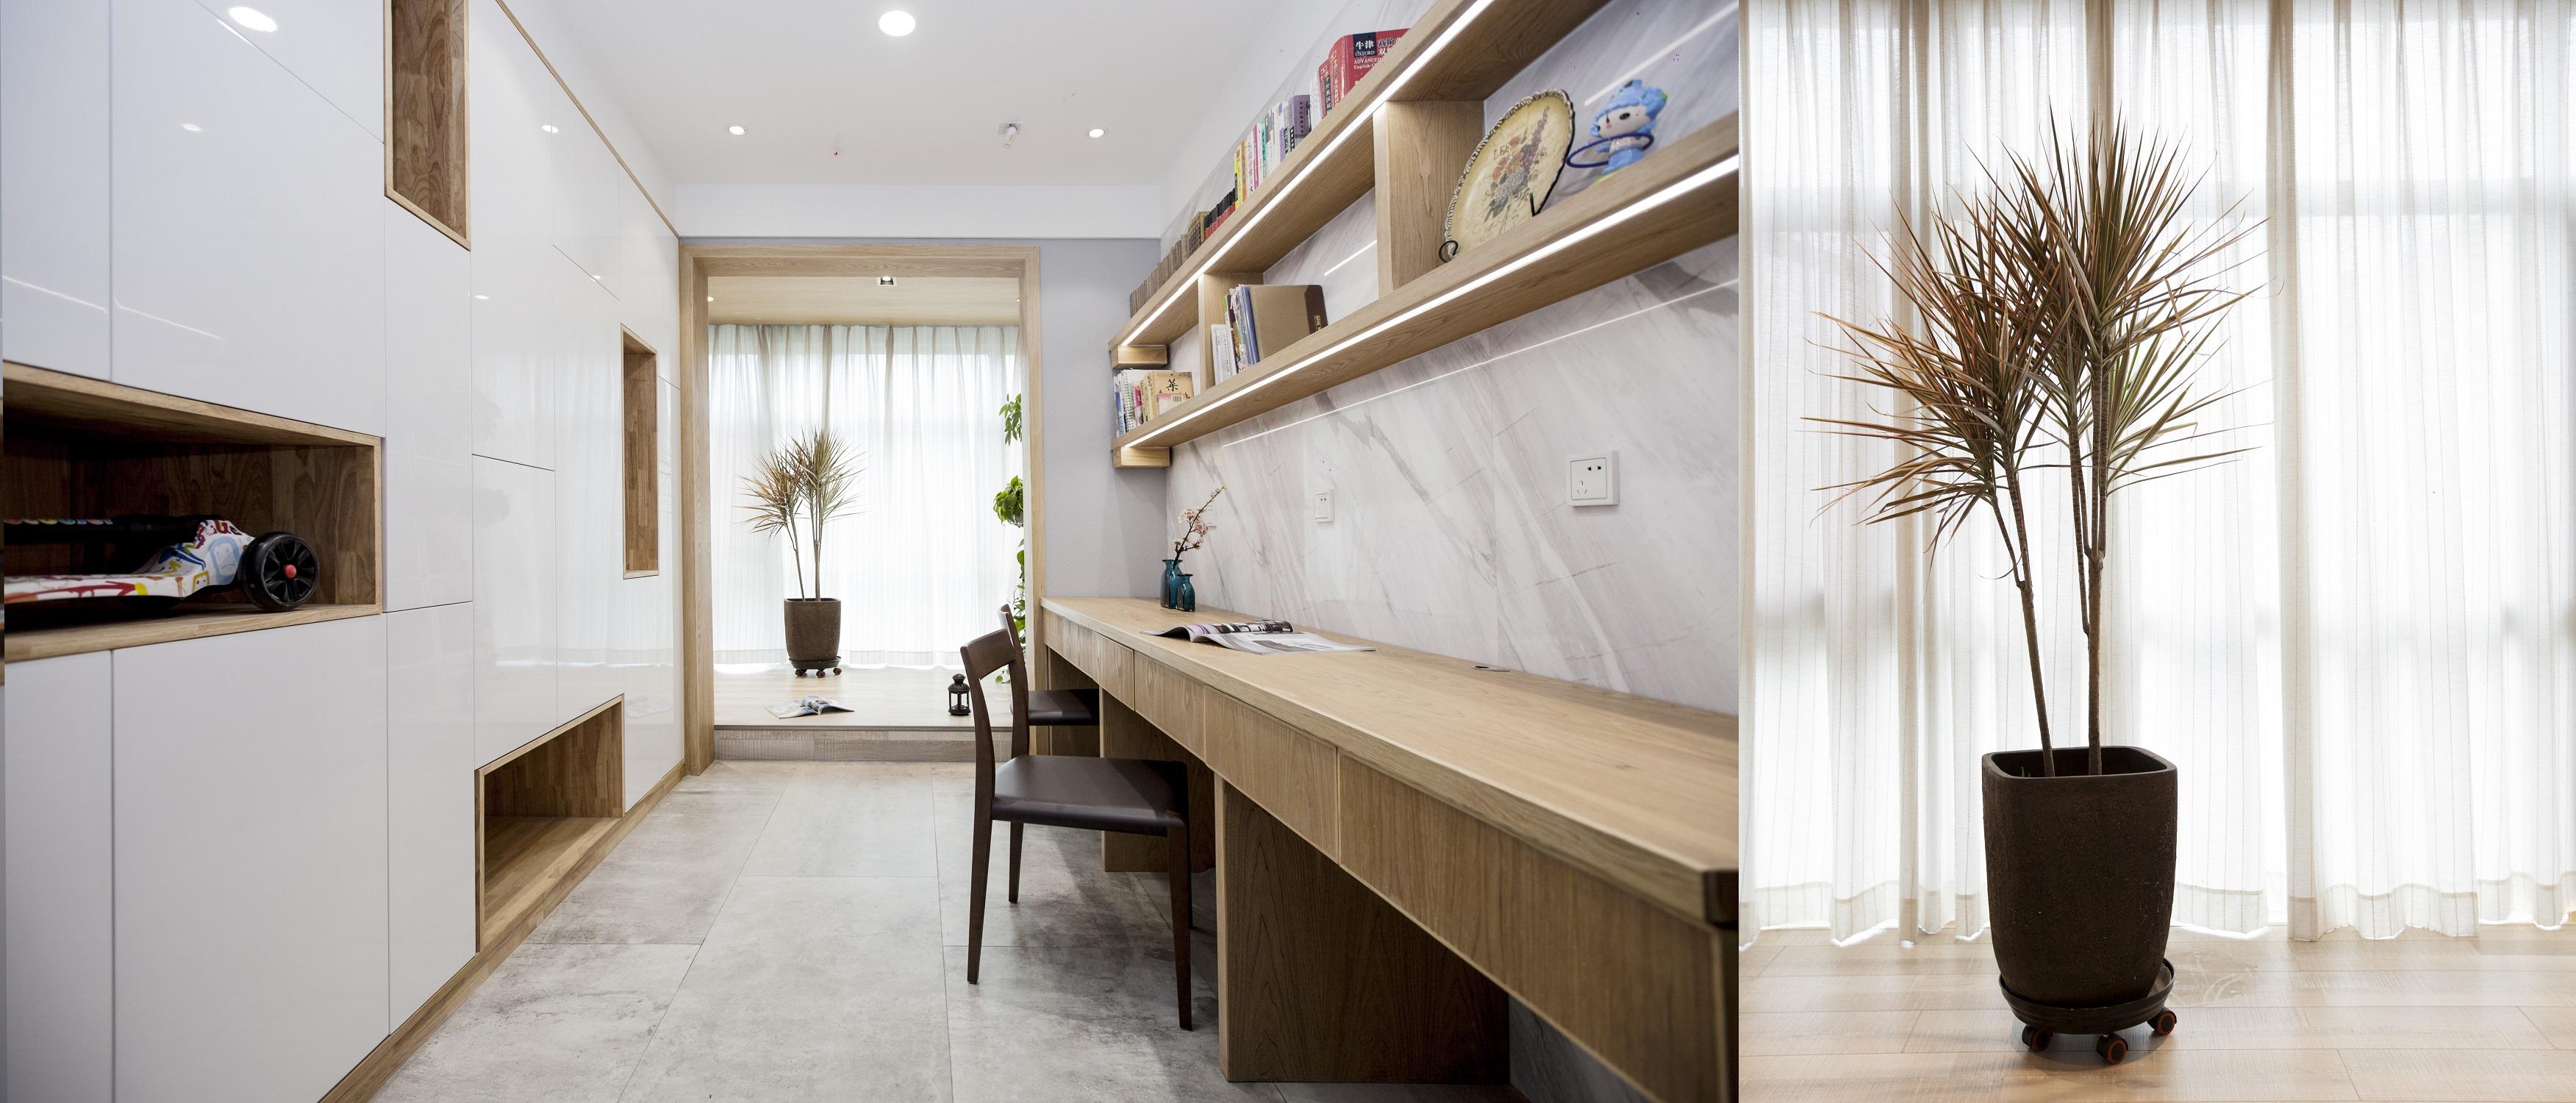 简约中式三居设计书房效果图